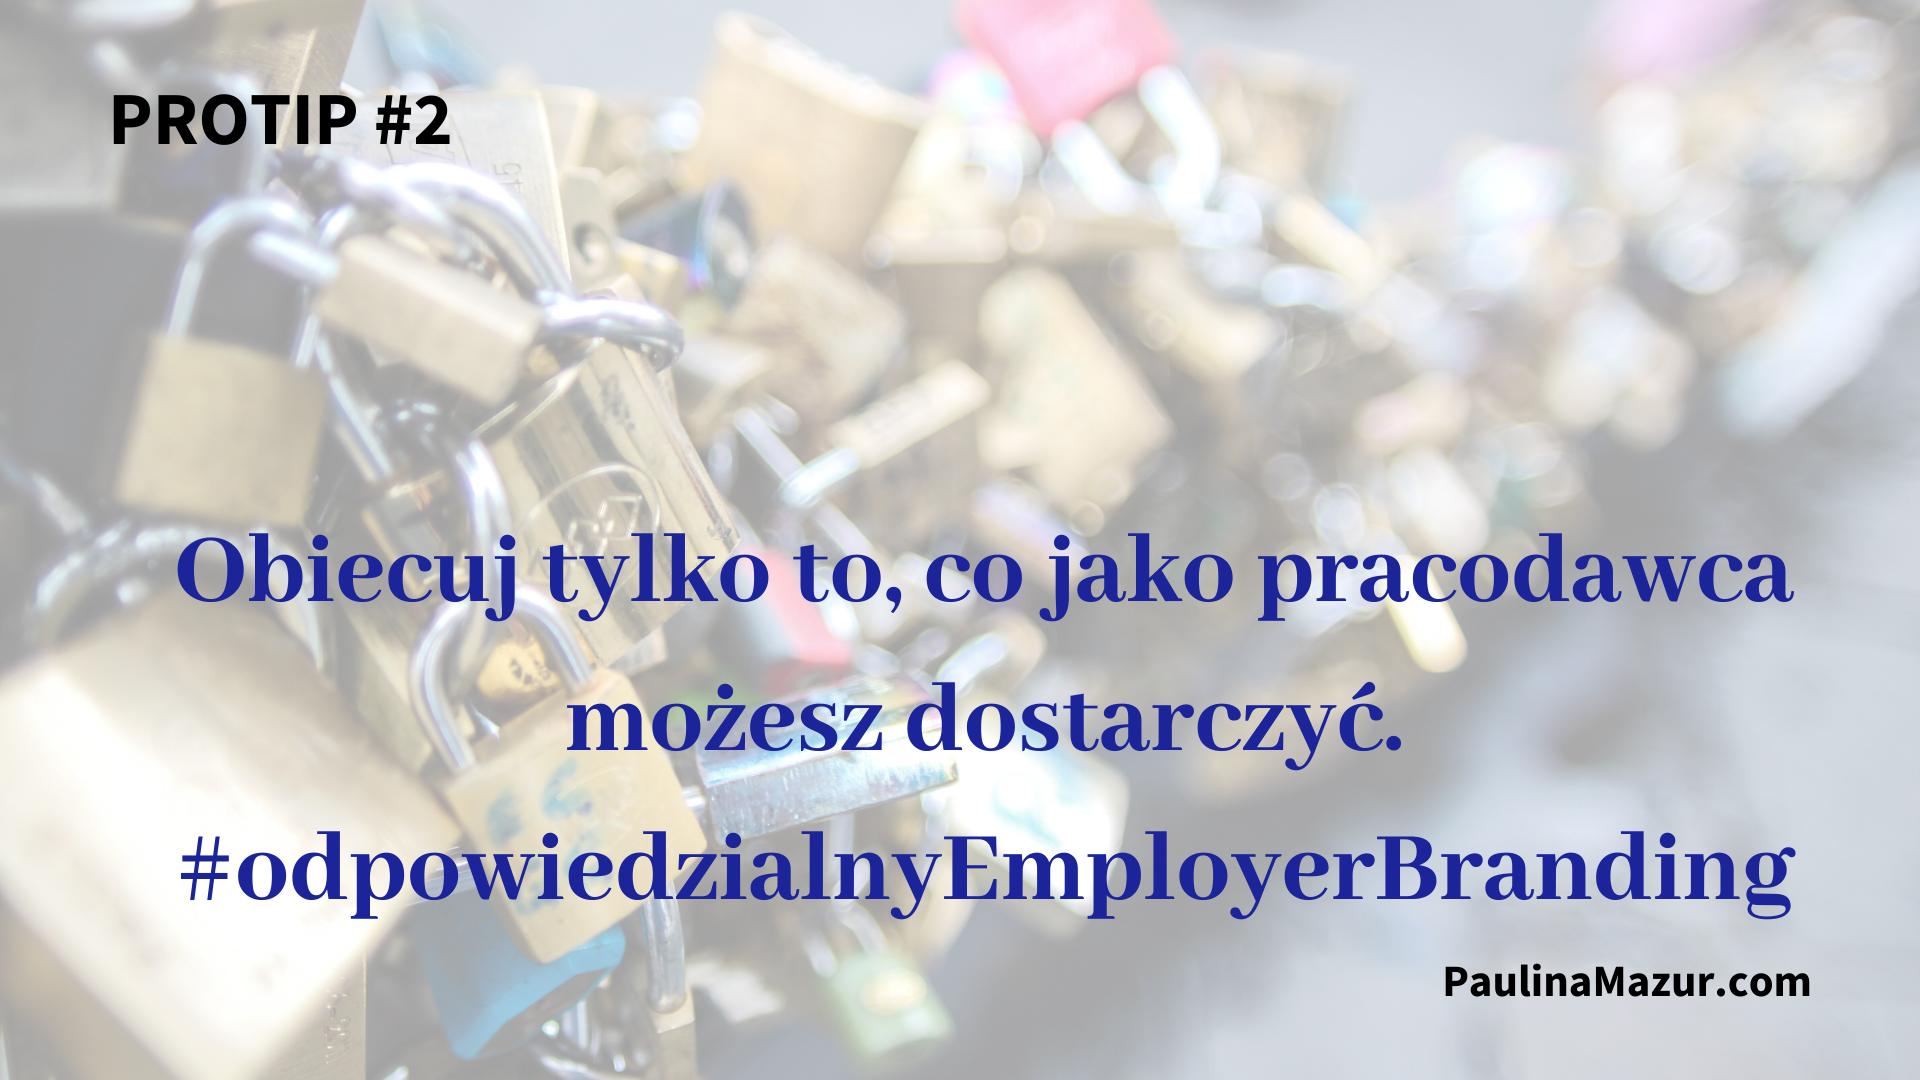 Obiecuj tylko to, co jako pracodawcą możesz dostarczyć. odpowiedzialny employer branding wpis na blog Paulina Mazur